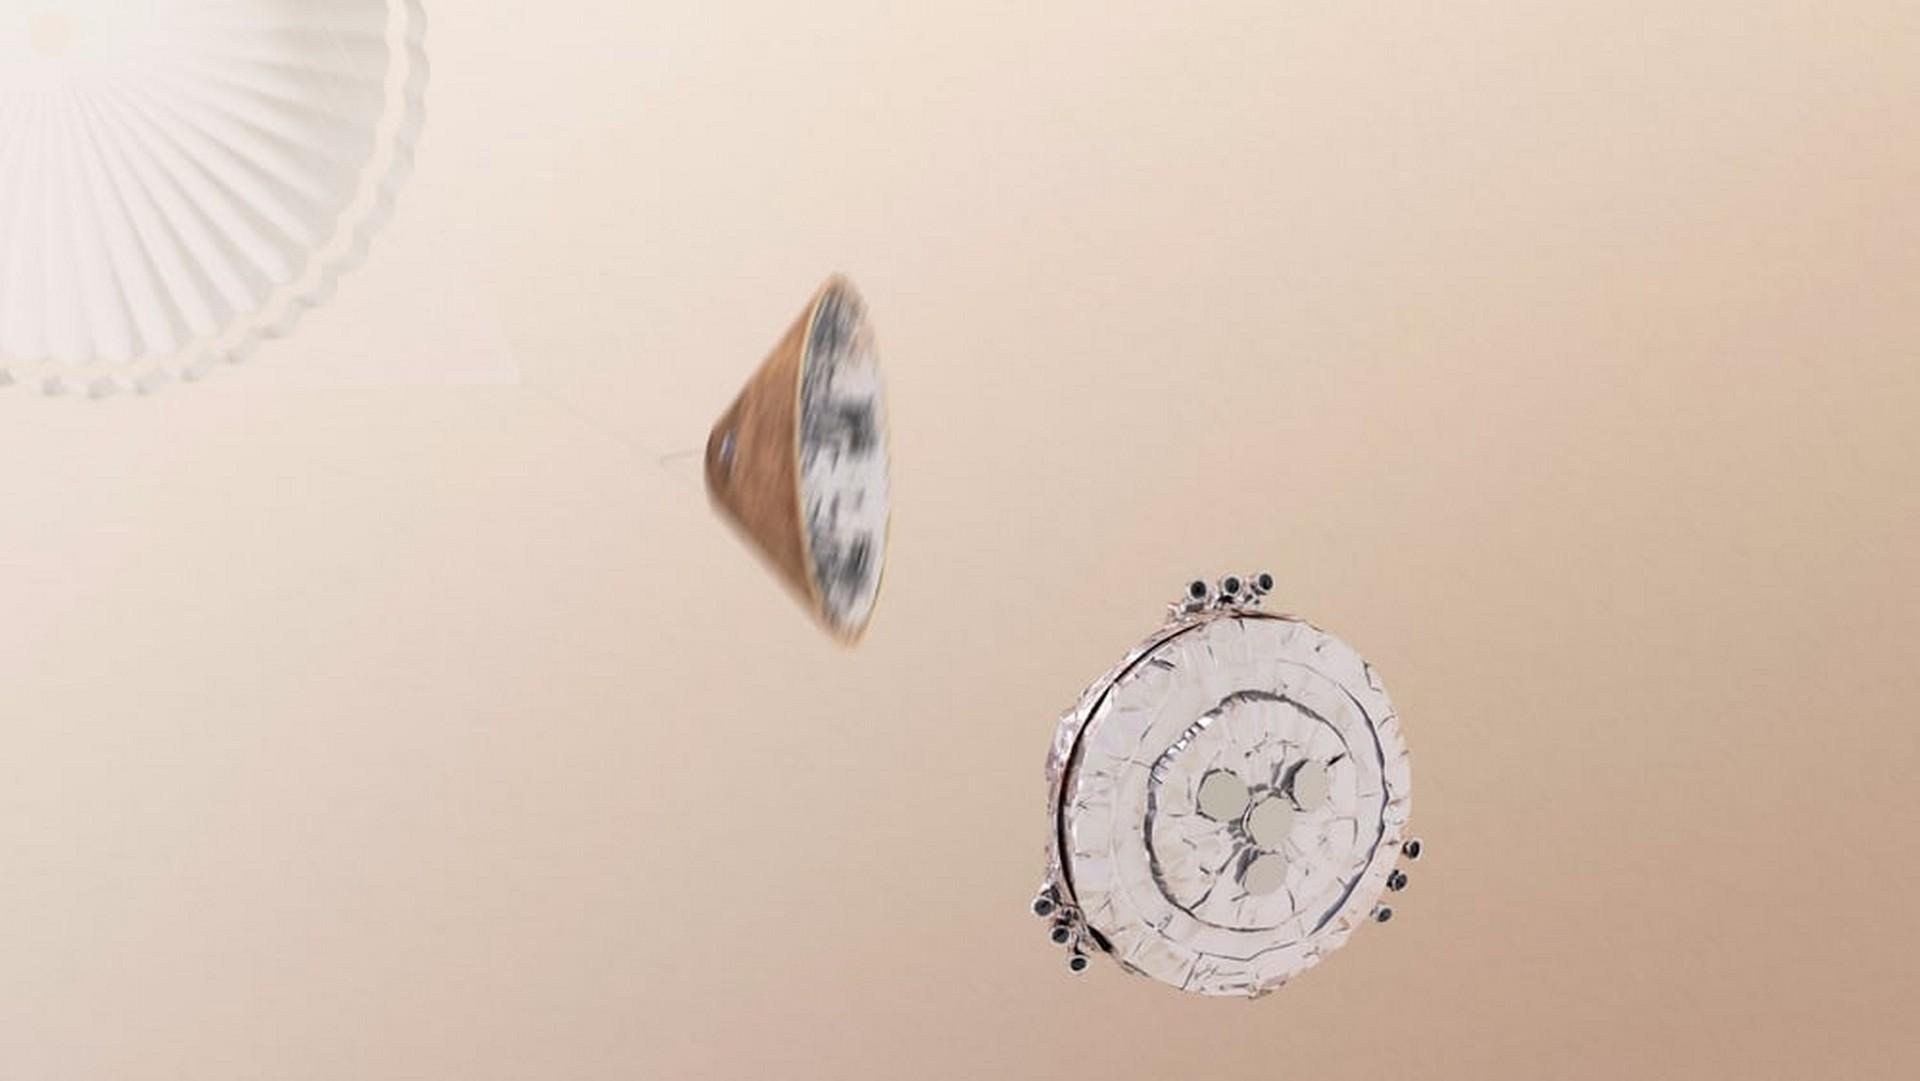 Missione Marte, il primo passo: sonda europea sul pianeta rosso. Poi…